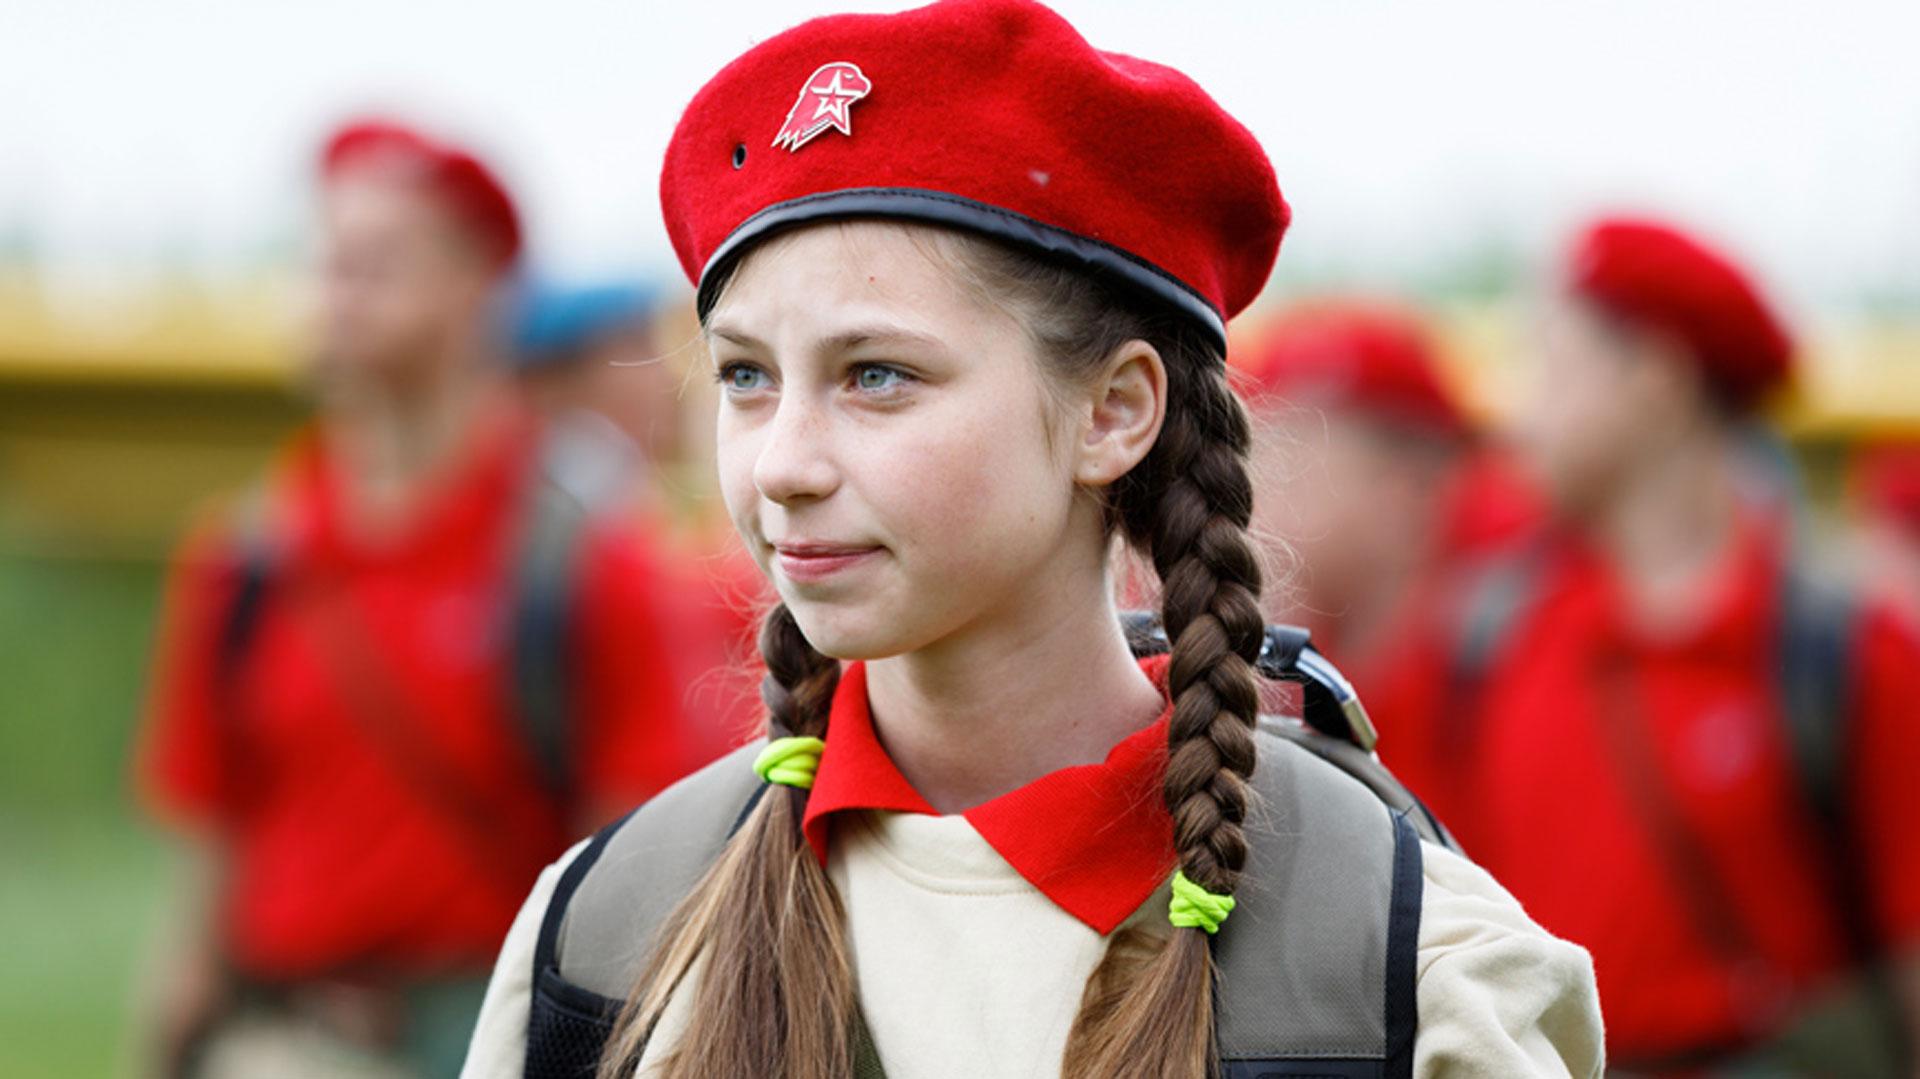 Niños y niñas de hasta 10 años se alistaron en sus filas. El Ministerio de Defensa de Rusia publicó las fotografías en su sitio